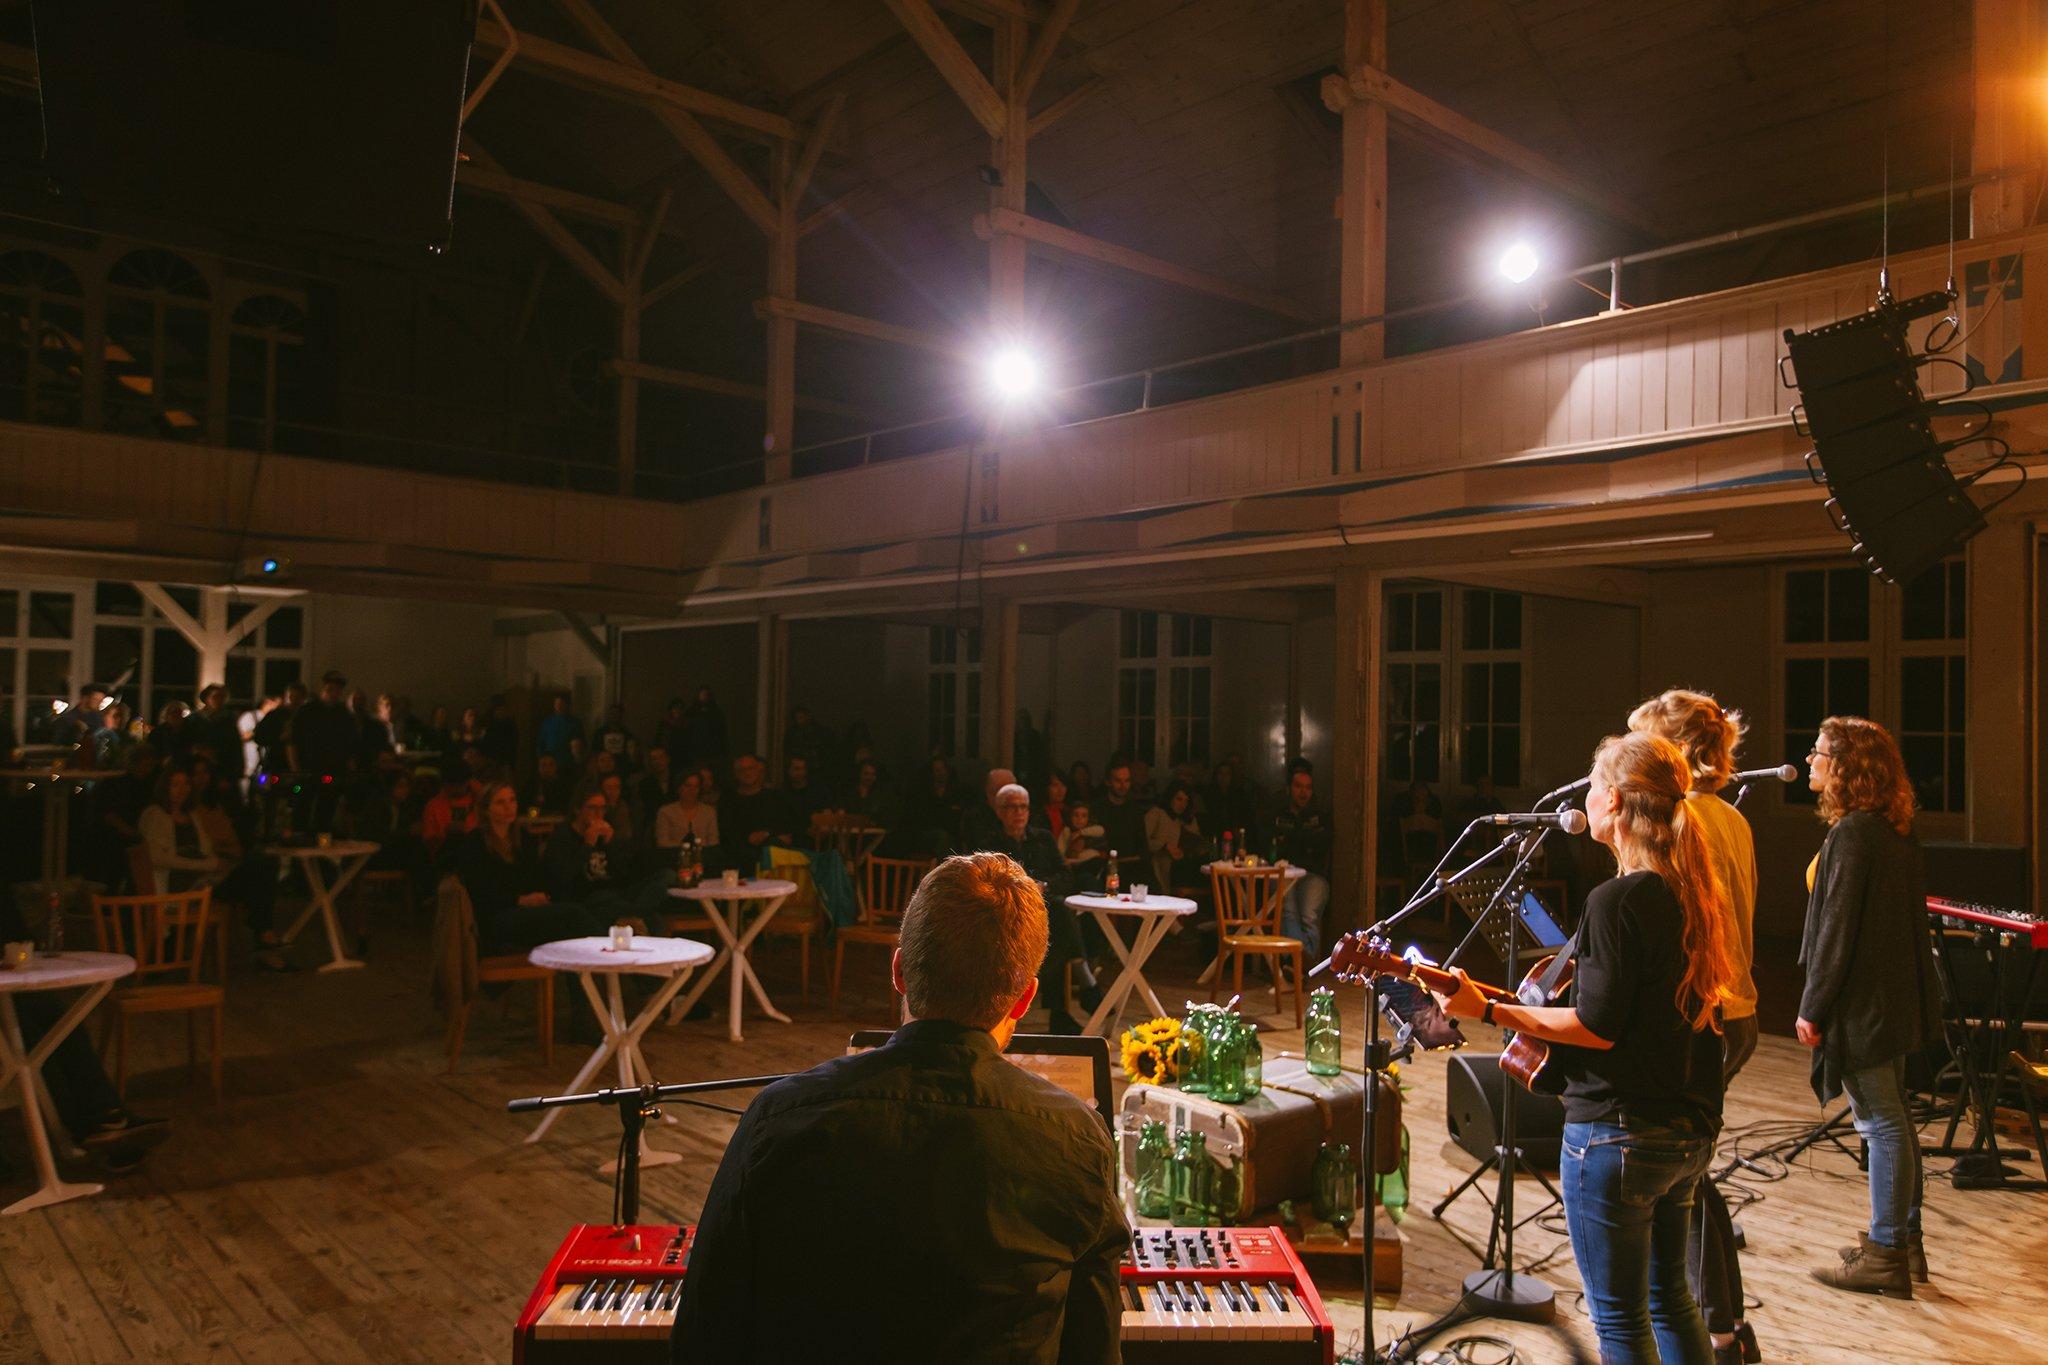 Eben-Ezer-Sessions am 18.10.2019: Stimmungsvolle Atmosphäre (Foto: Knut Burmeister, ALLTAG)